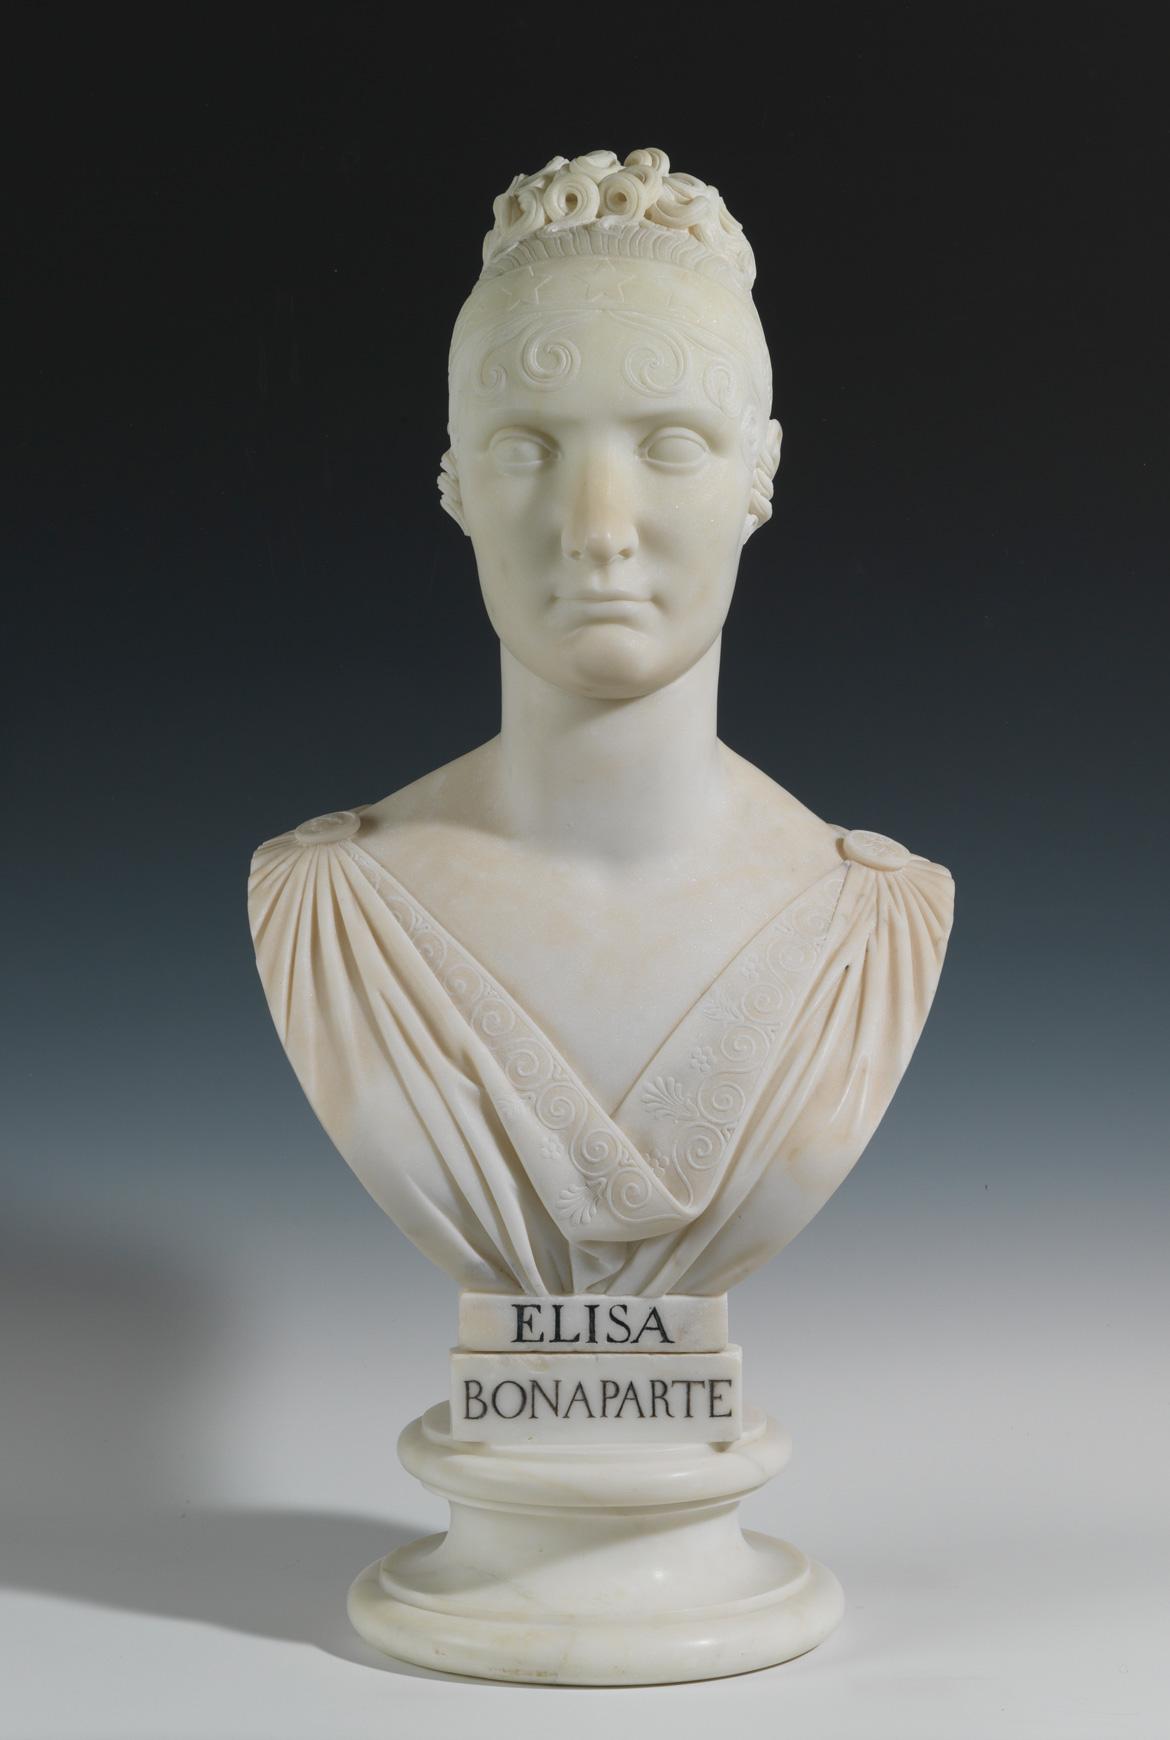 Buste d'Elisa Bonaparte (1777-1820) par Lorenzo Bartolini - Patrimoine Charles-André COLONNA WALEWSKI, en ligne directe de Napoléon